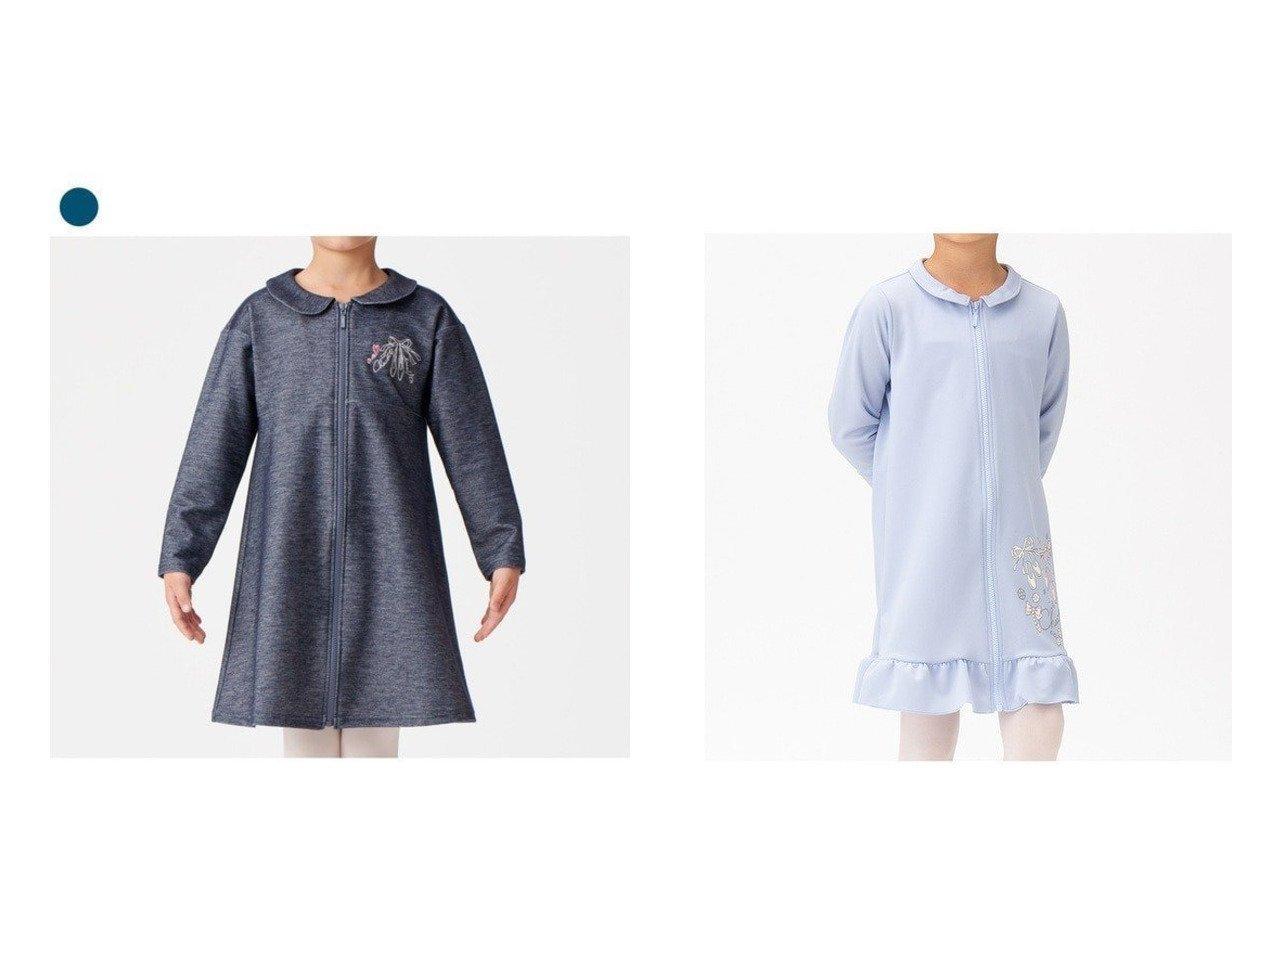 【Chacott / KIDS/チャコット】の【再入荷】ジップアップワンピース&【再入荷】ジップアップワンピース 【KIDS】子供服のおすすめ!人気トレンド・キッズファッションの通販 おすすめで人気の流行・トレンド、ファッションの通販商品 メンズファッション・キッズファッション・インテリア・家具・レディースファッション・服の通販 founy(ファニー) https://founy.com/ ファッション Fashion キッズファッション KIDS ワンピース Dress Kids バレエ 人気 再入荷 Restock/Back in Stock/Re Arrival コンパクト フリル 吸水 |ID:crp329100000015245